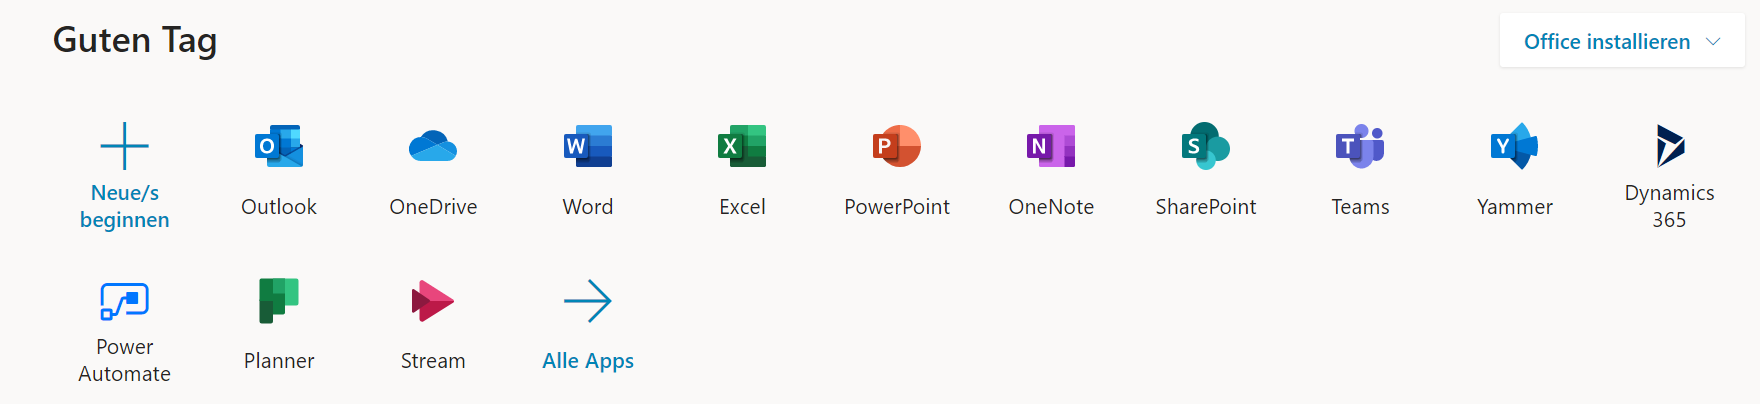 Das Bild zeigt die Anwendungsauswahl in Microsoft 365.